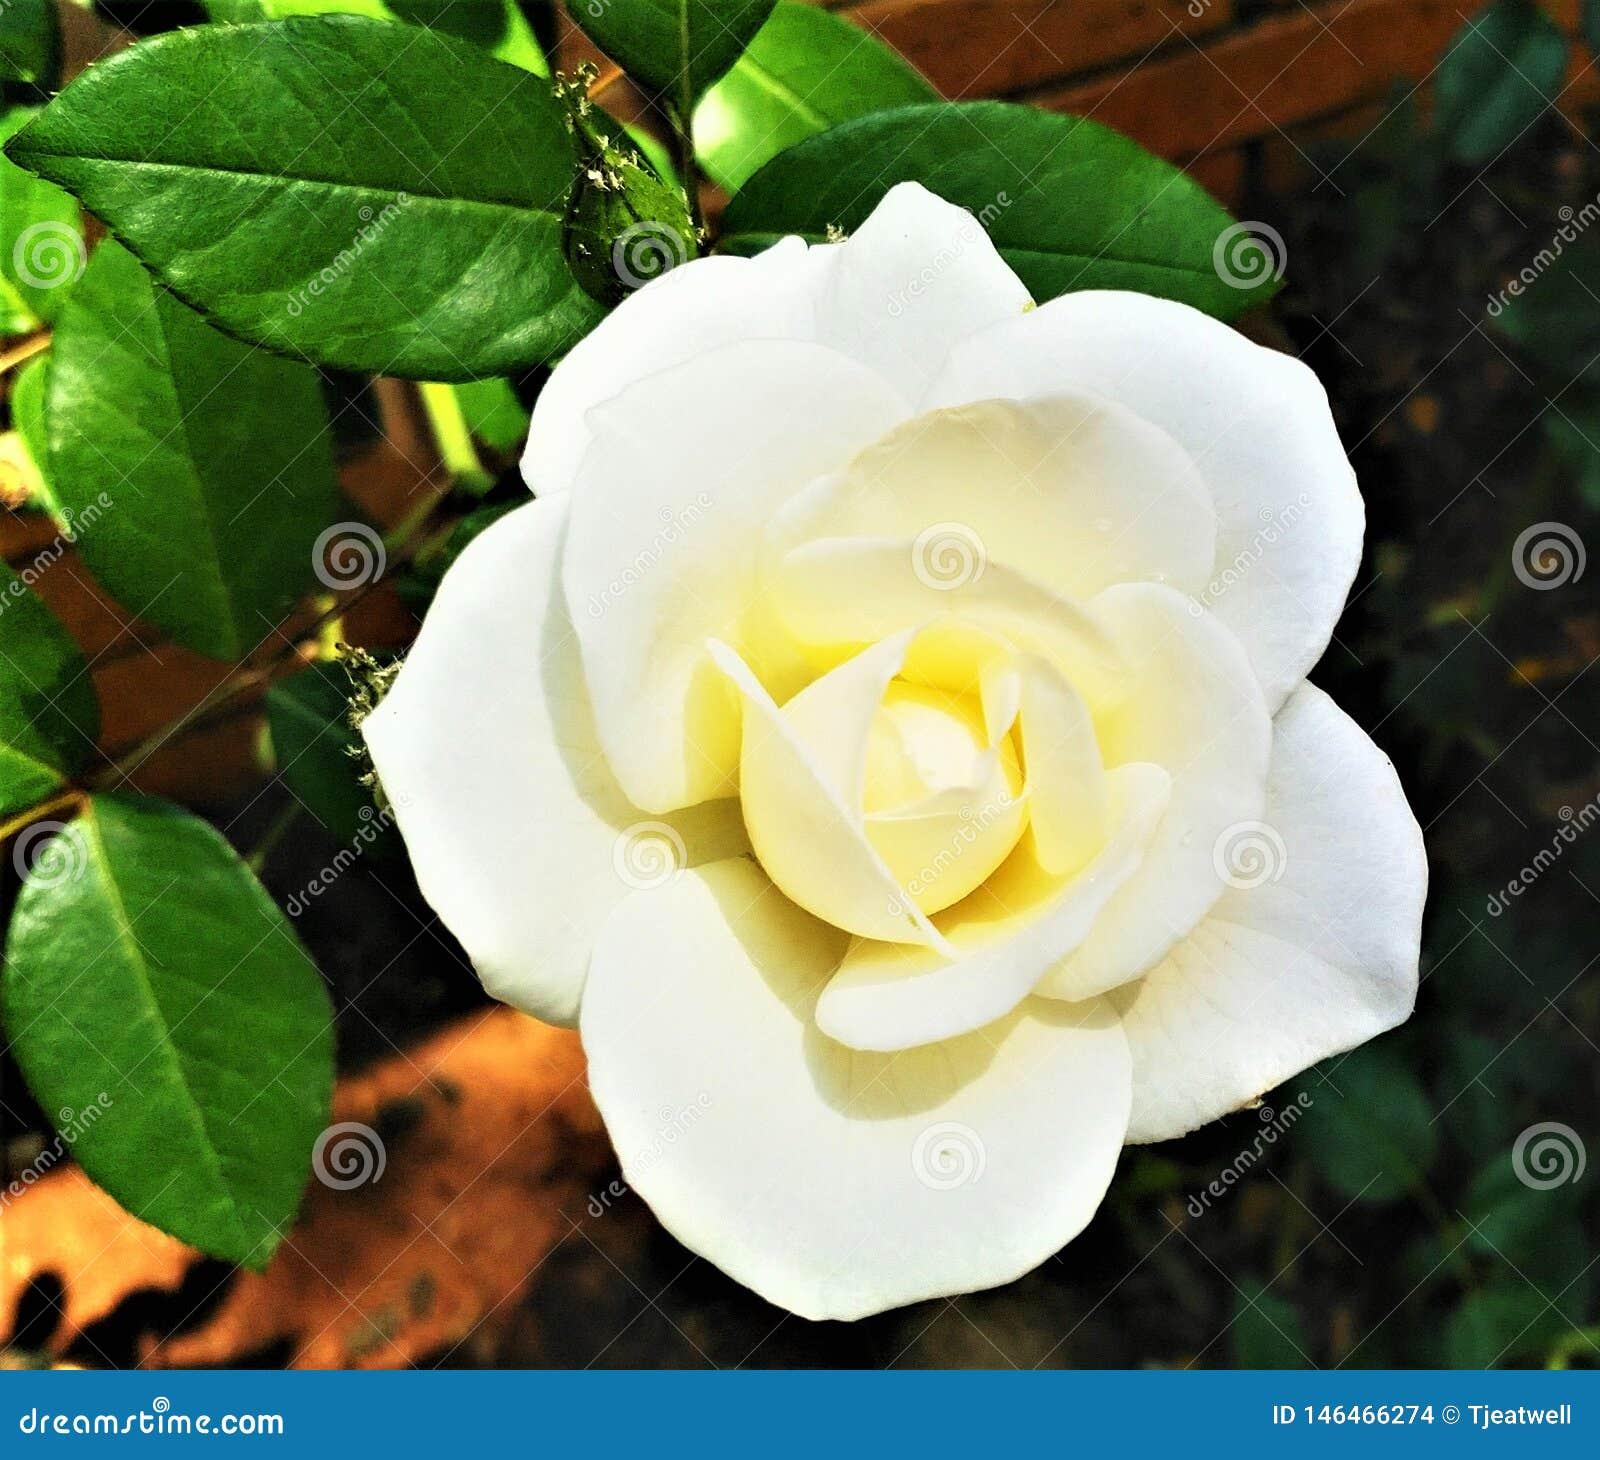 Single White Rose in a Garden